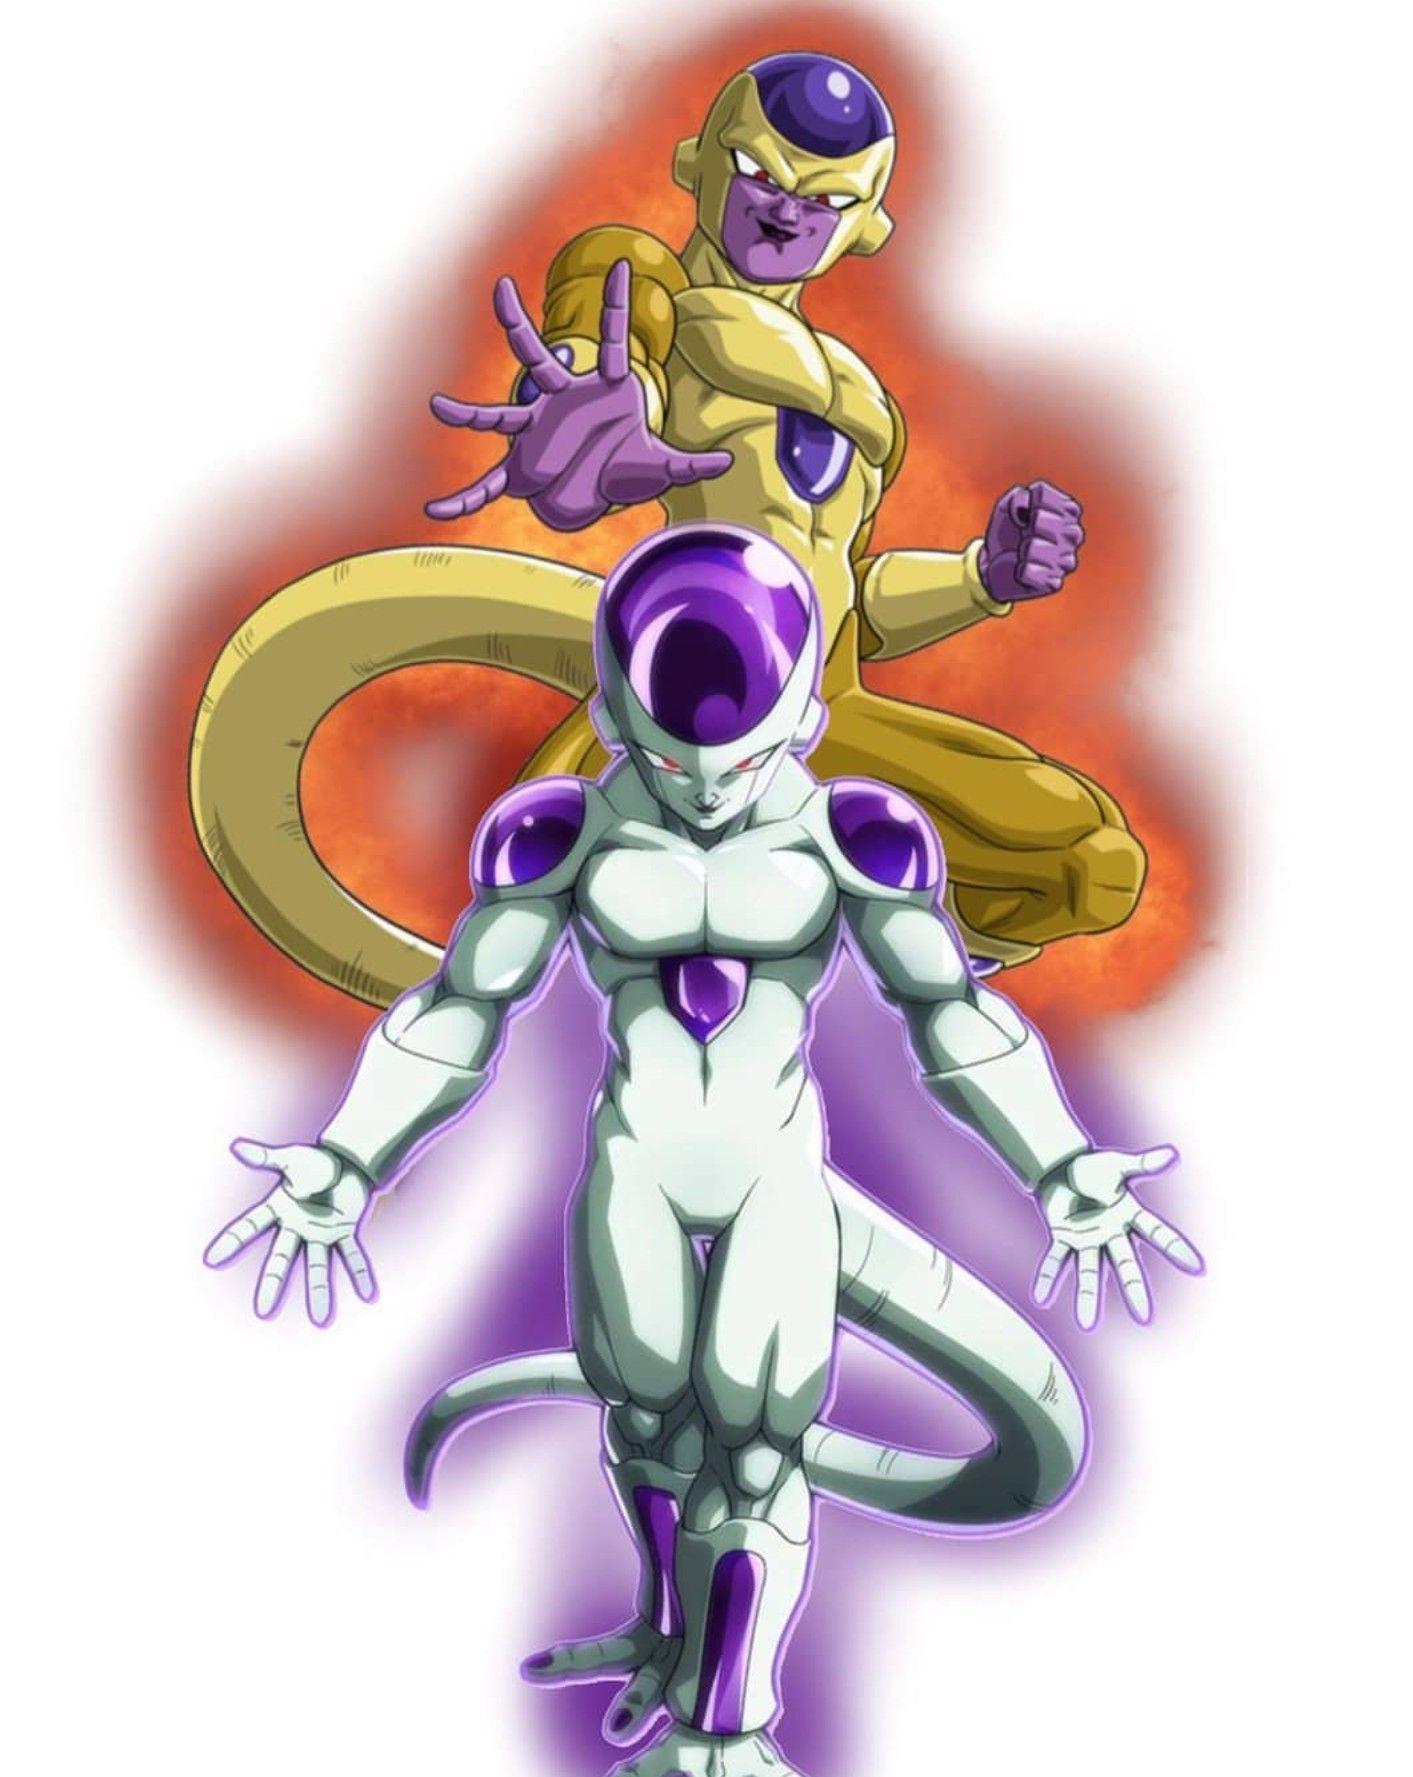 Golden Frieza Dragon Ball Super Dragon Ball Super Dragon Ball Anime